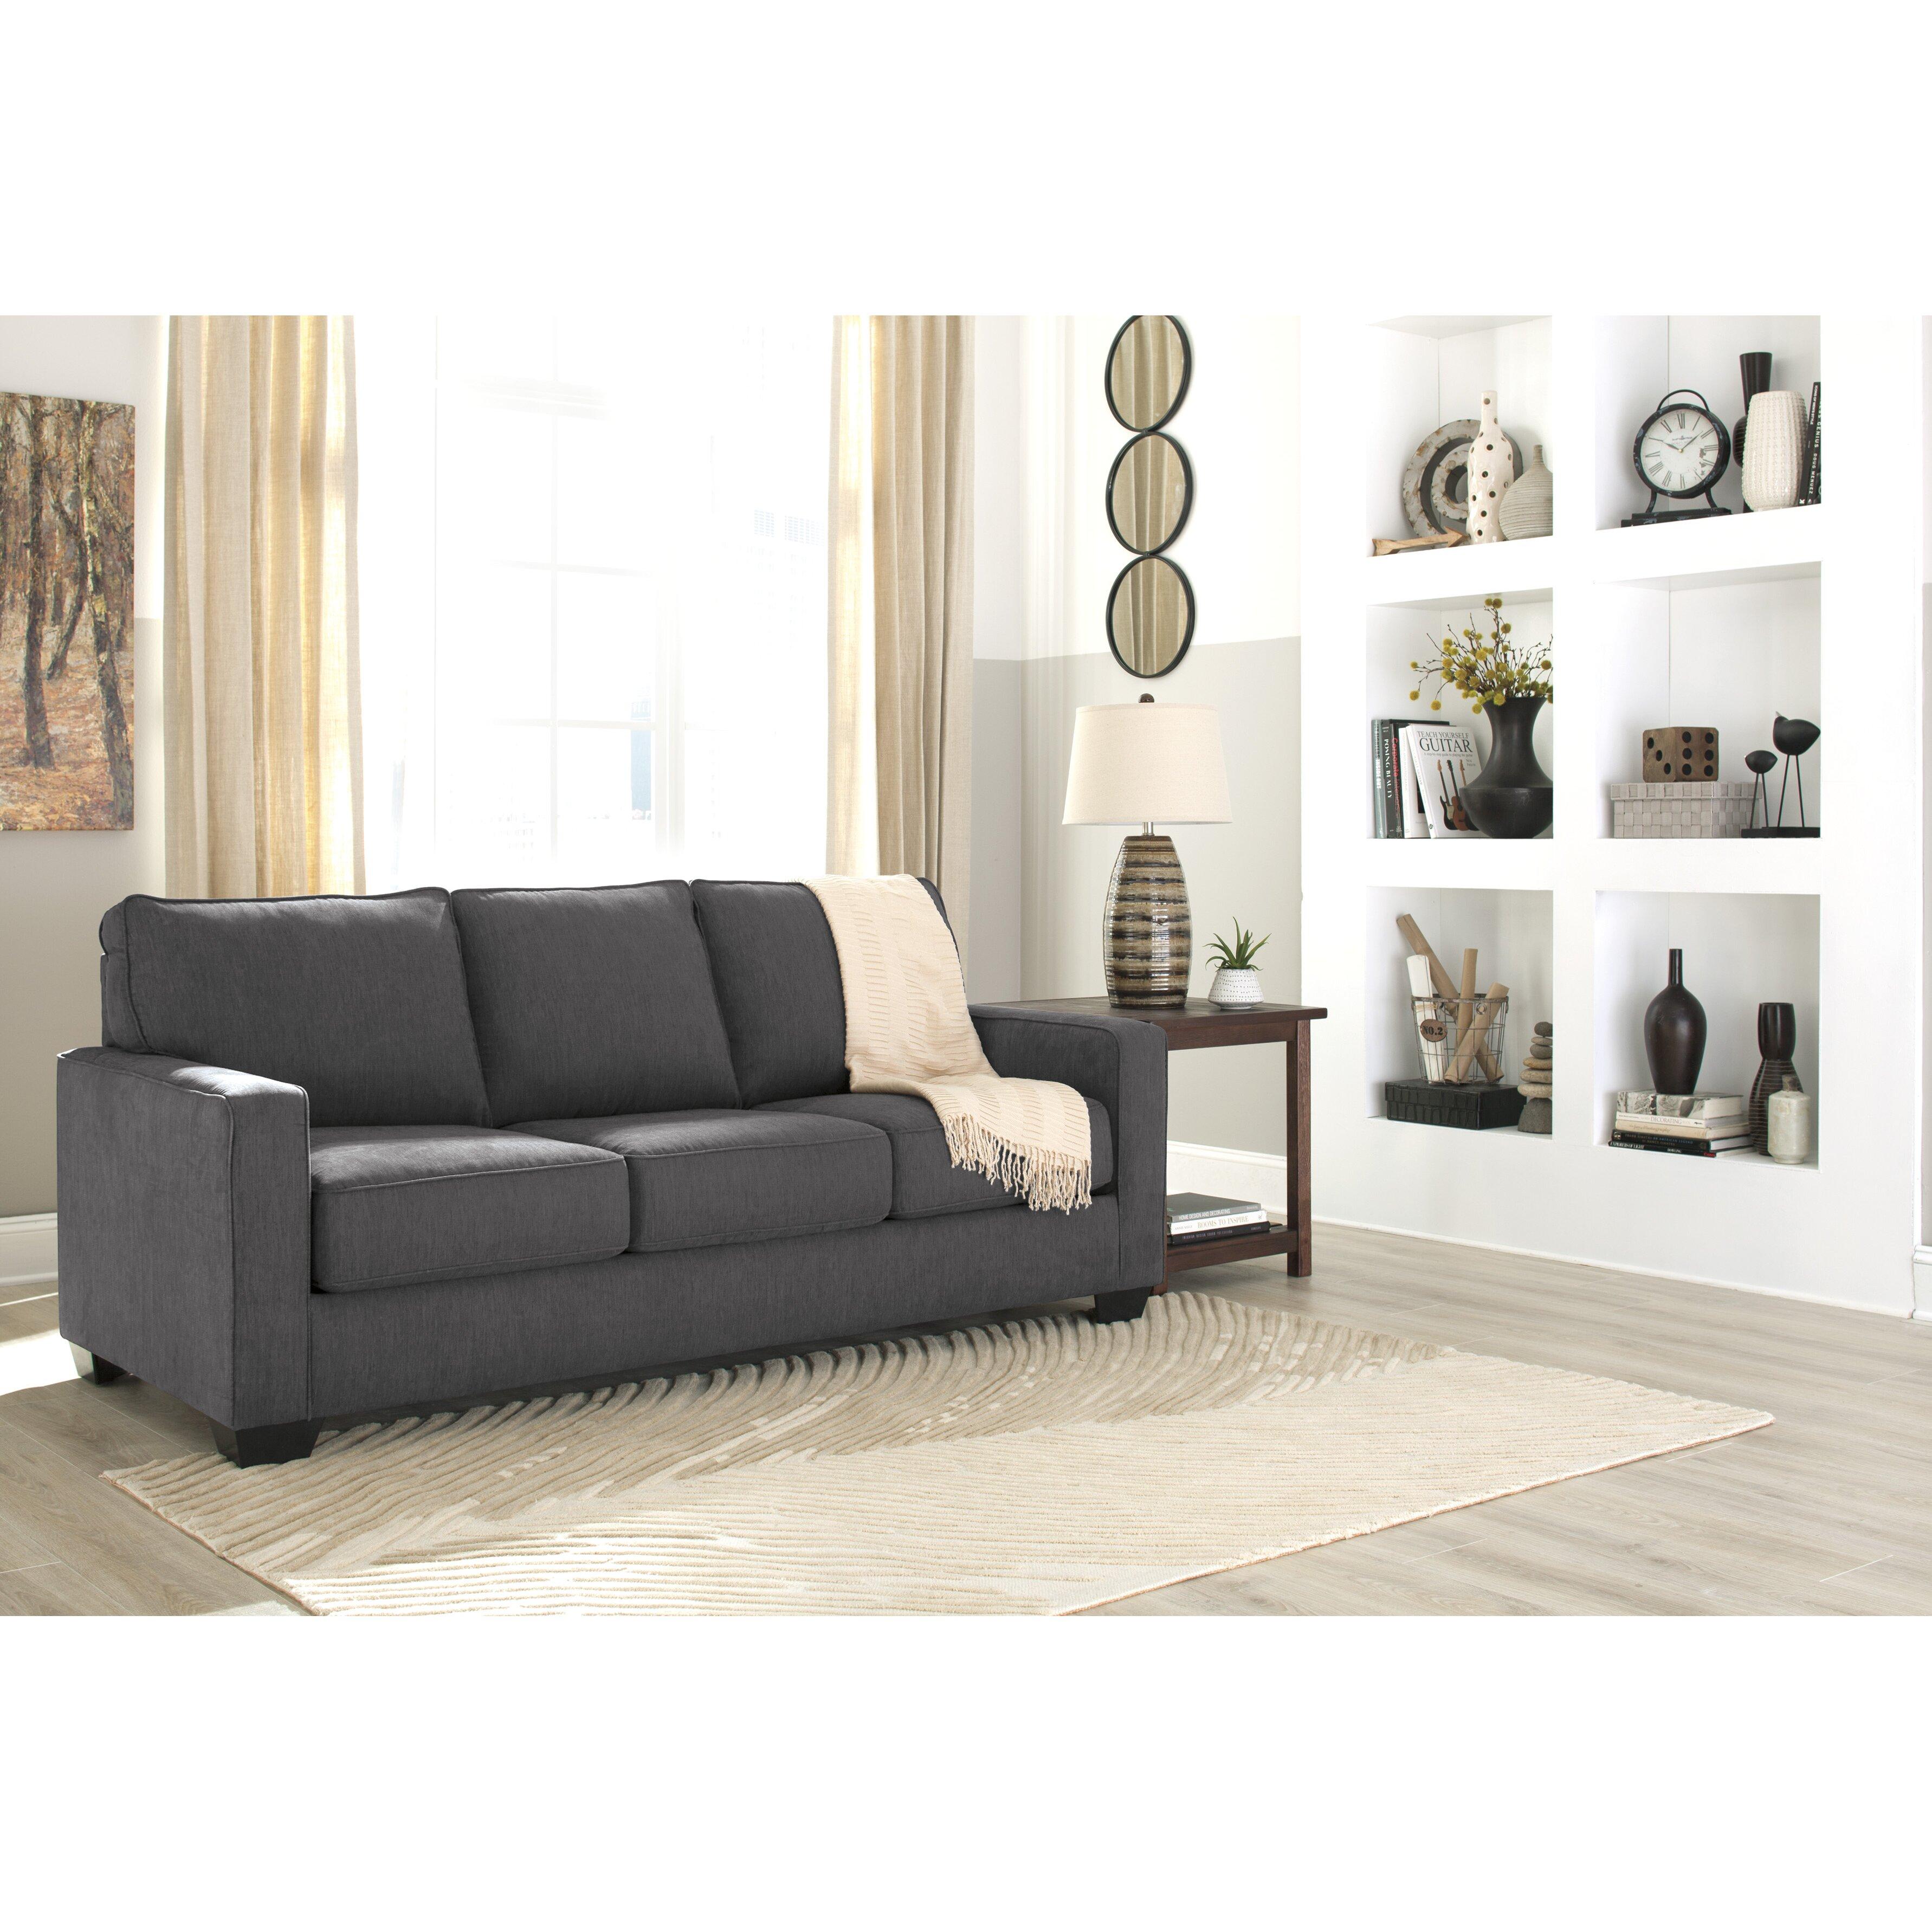 Benchcraft Zeb Queen Sleeper Sofa Reviews Wayfair